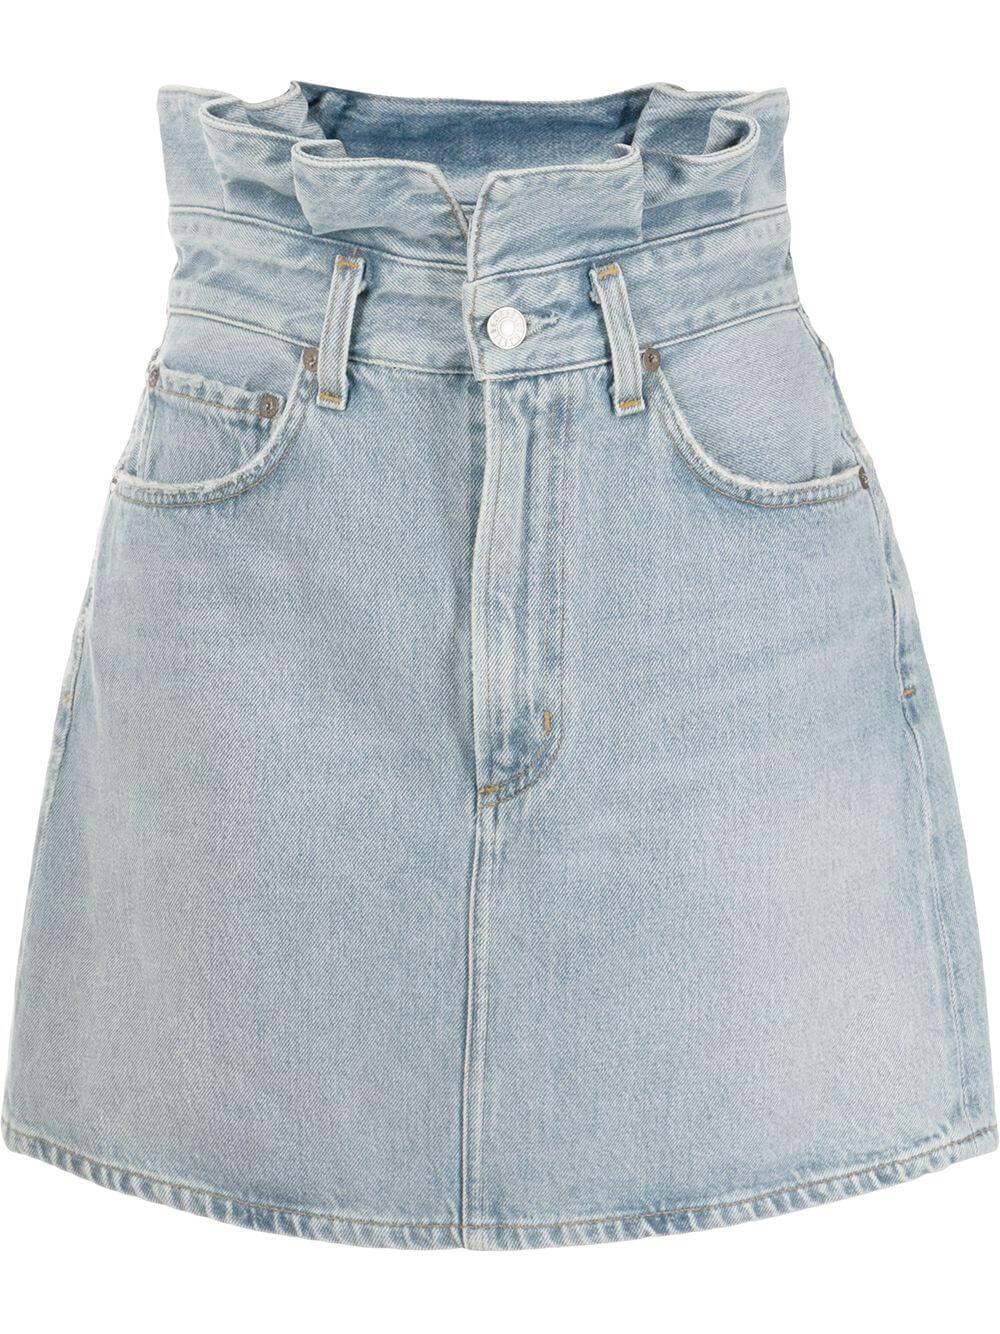 Lettuce Waistband Denim Skirt Item # A3025-1141